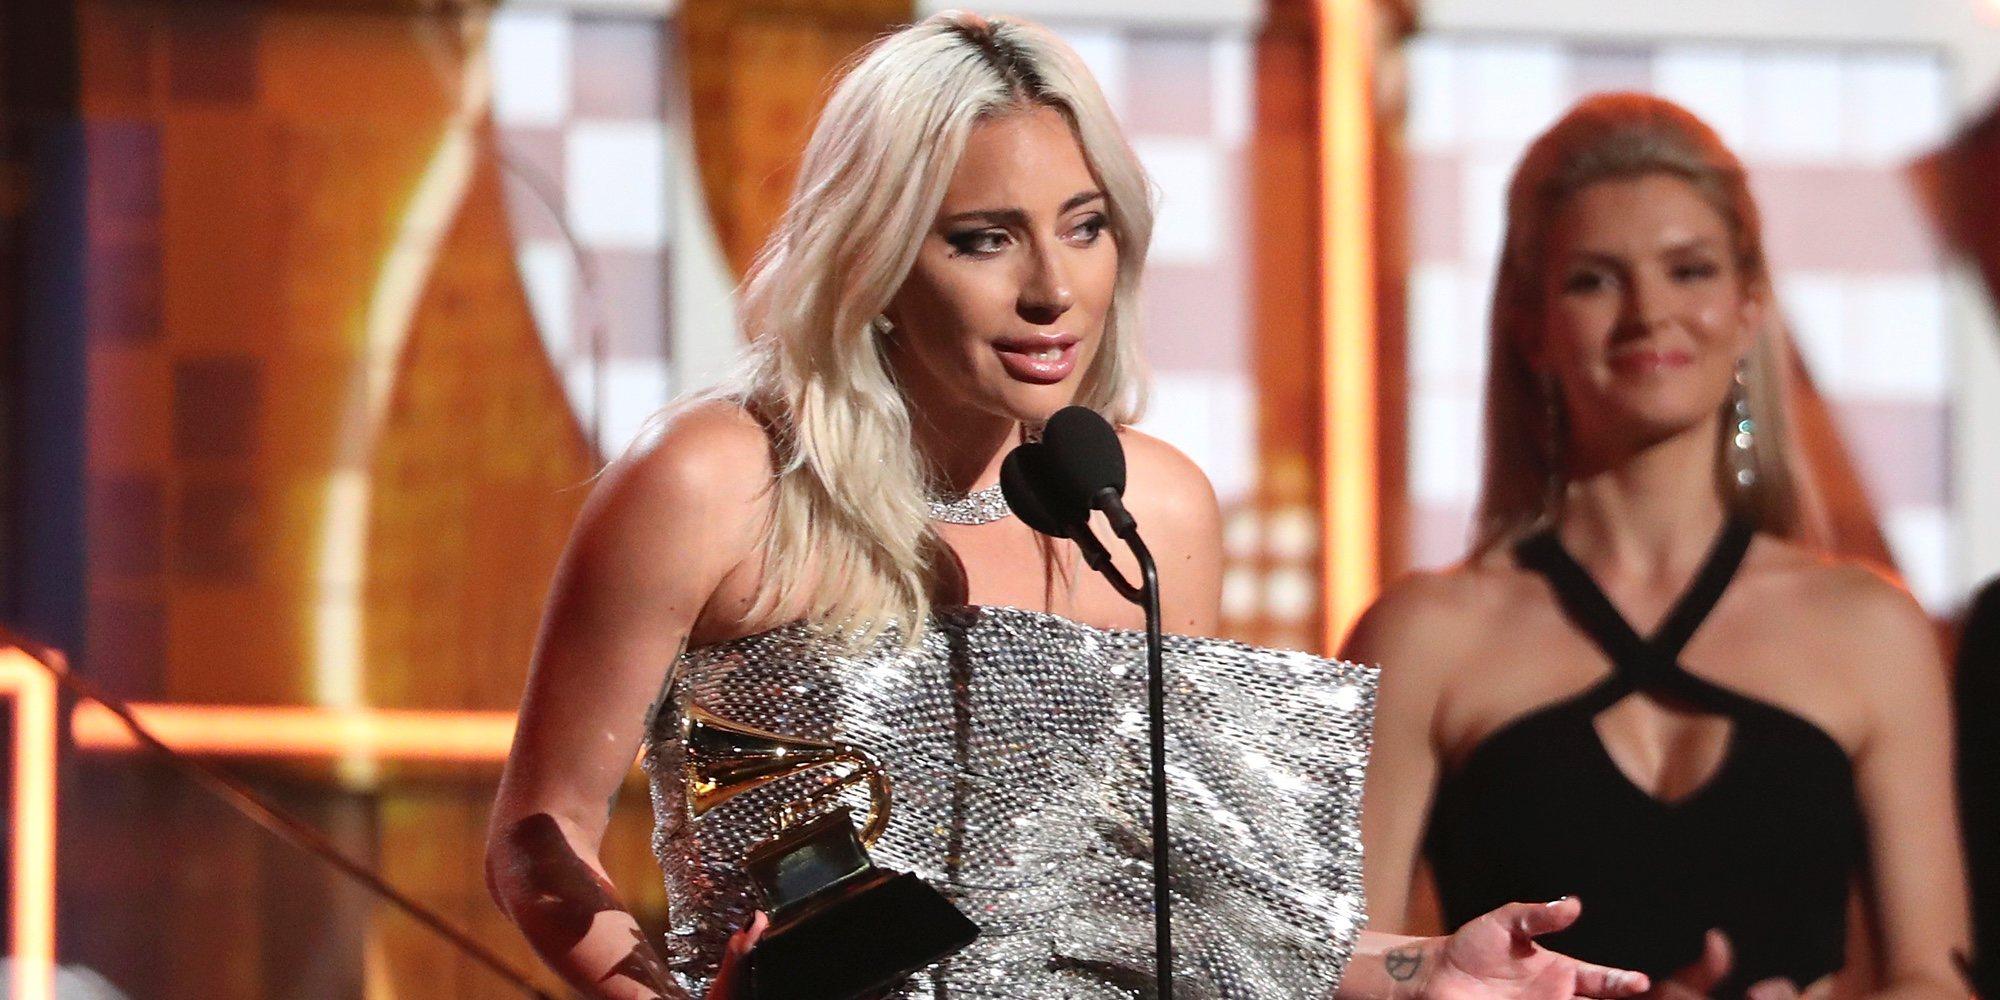 El emotivo discurso de Lady Gaga en los Grammy 2019 sobre la salud mental